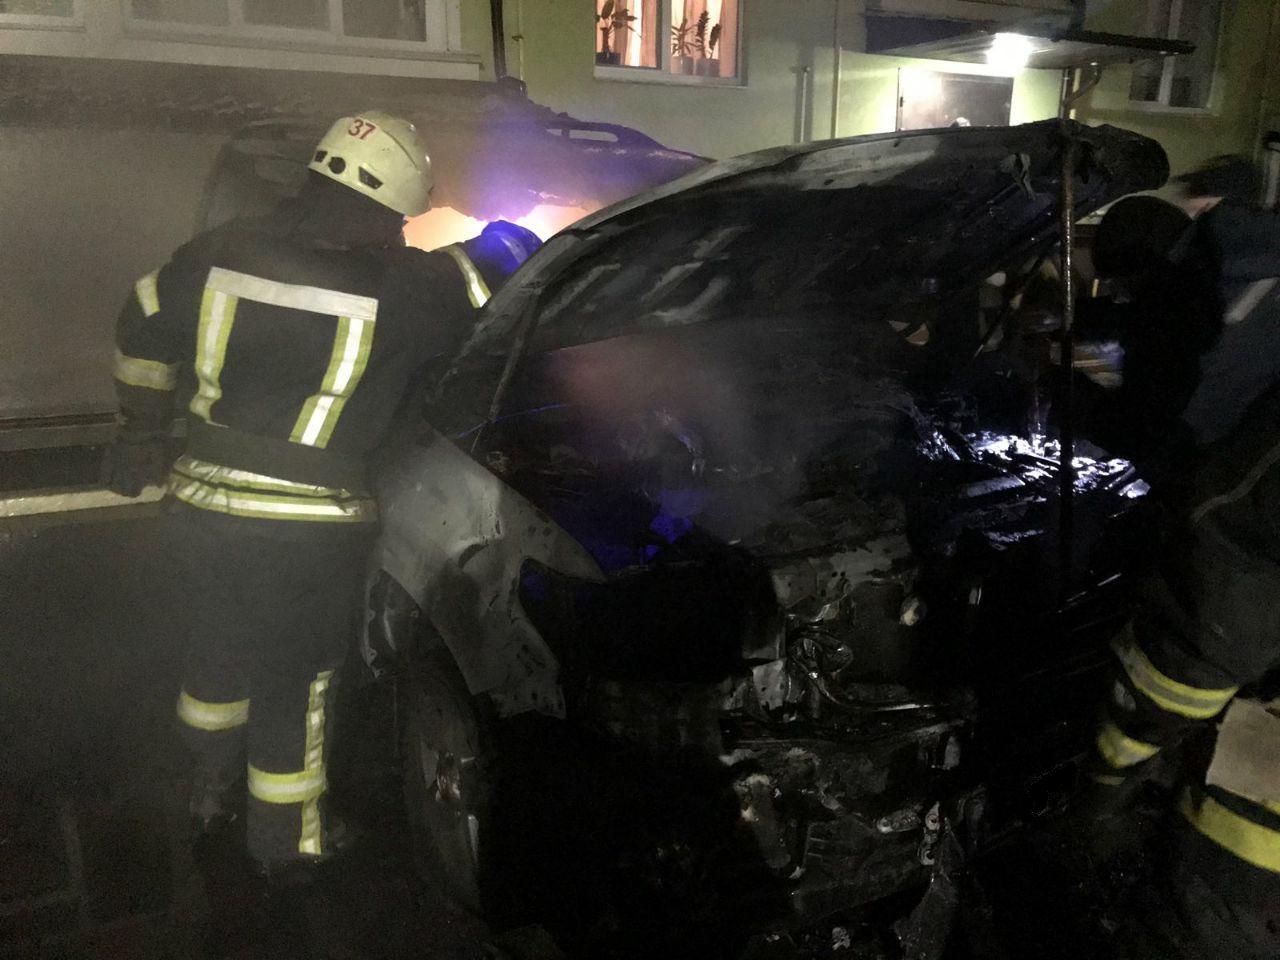 На Вишгородщині горіла автівка - рятувальники, пожежа, київщина, Вишгородський район, автомобіль - 1109 avto1